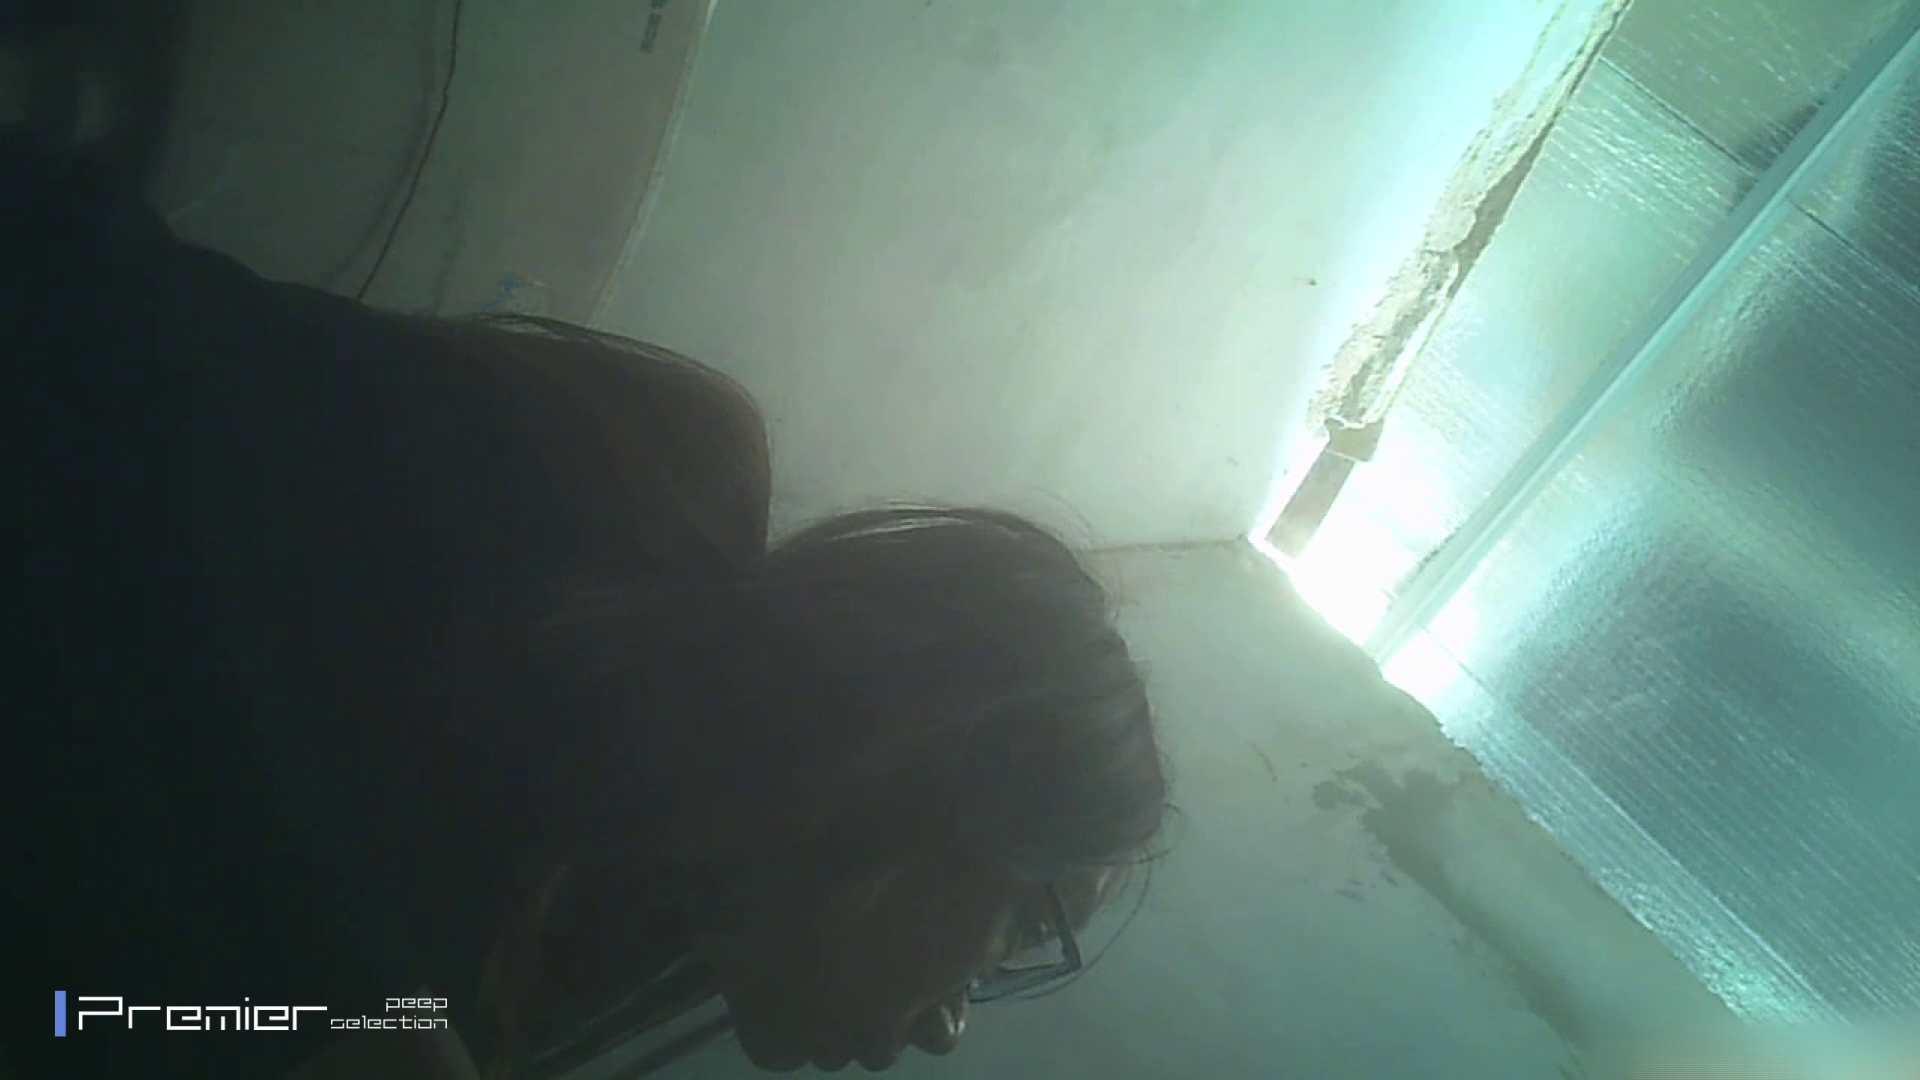 美女の痴態に密着!トイレシーンを密着盗撮!!眼鏡女良の実態Vol.09 トイレの実態 オマンコ無修正動画無料 101PIX 54